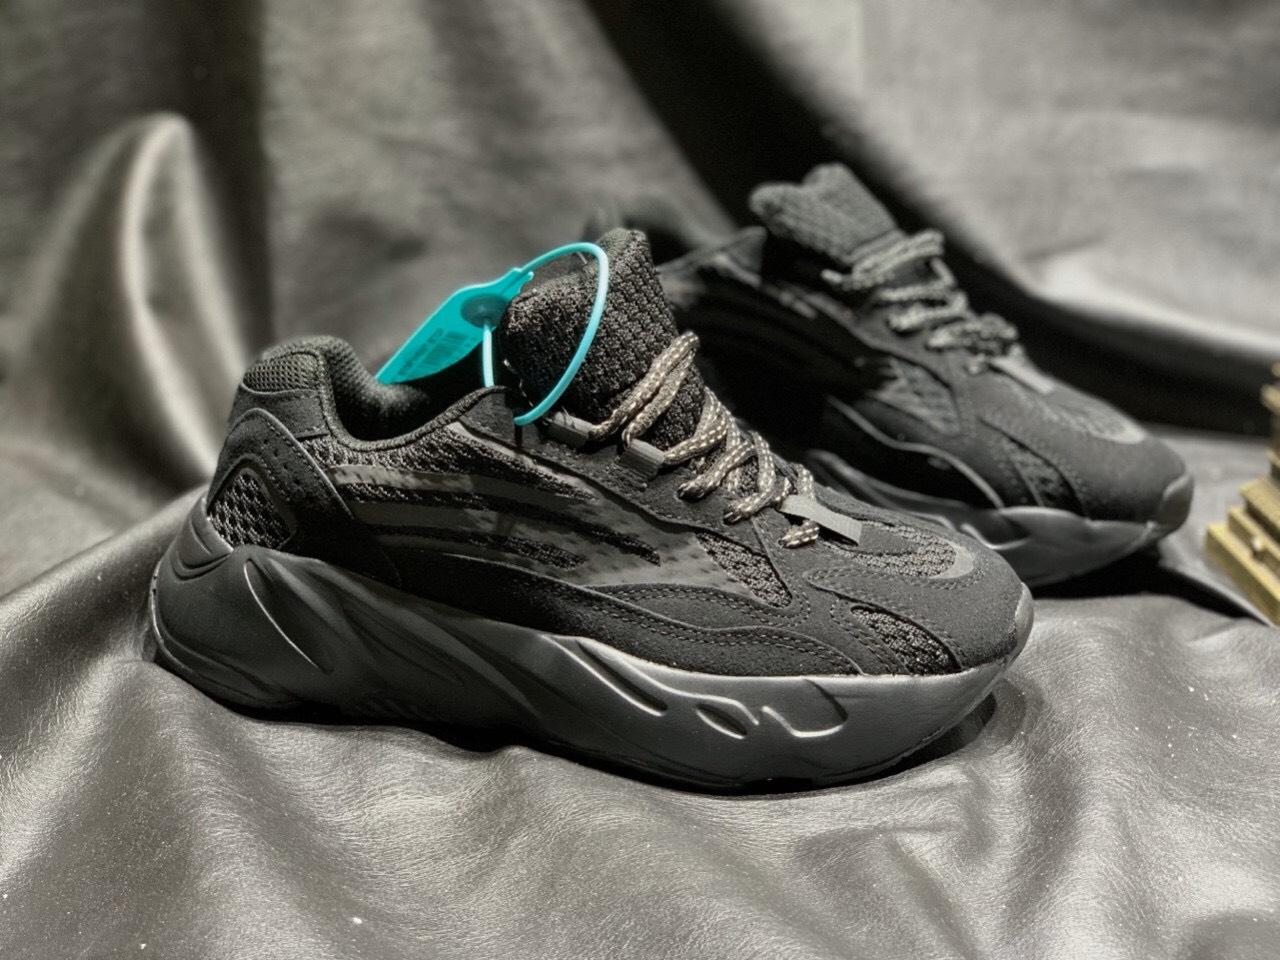 giày adidas yeezy 700 màu đen full